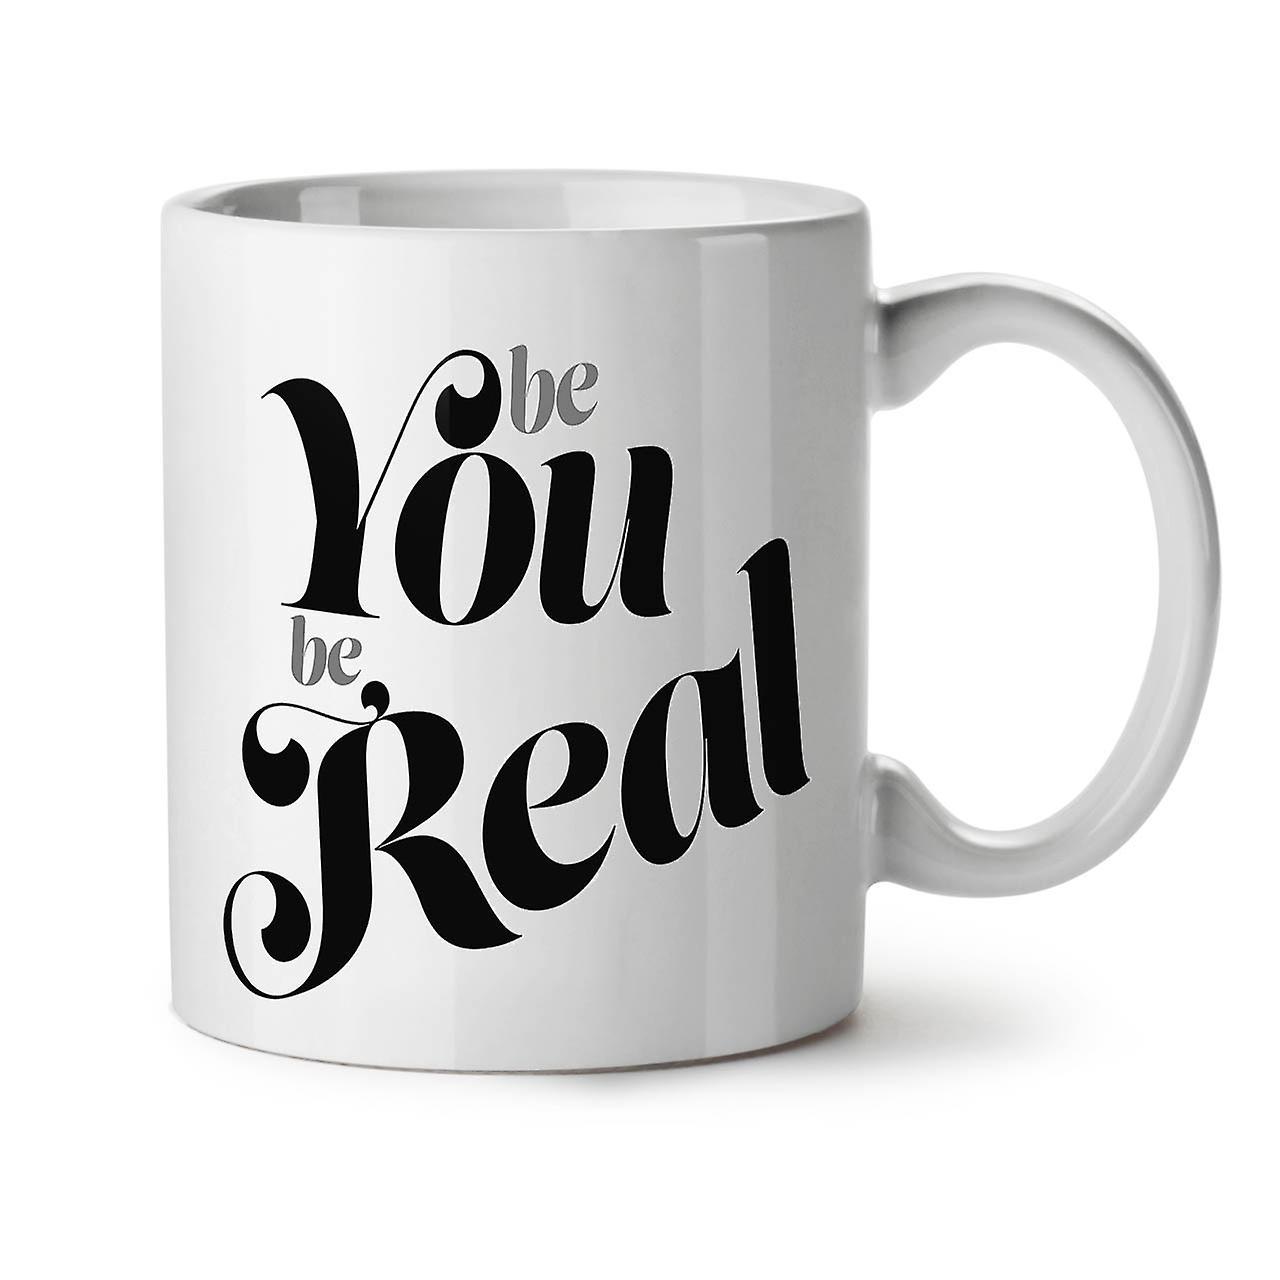 Vous Thé OzWellcoda Vrai Céramique Être Tasse Café 11 Blanc Nouveau Slogan tsdhrQ